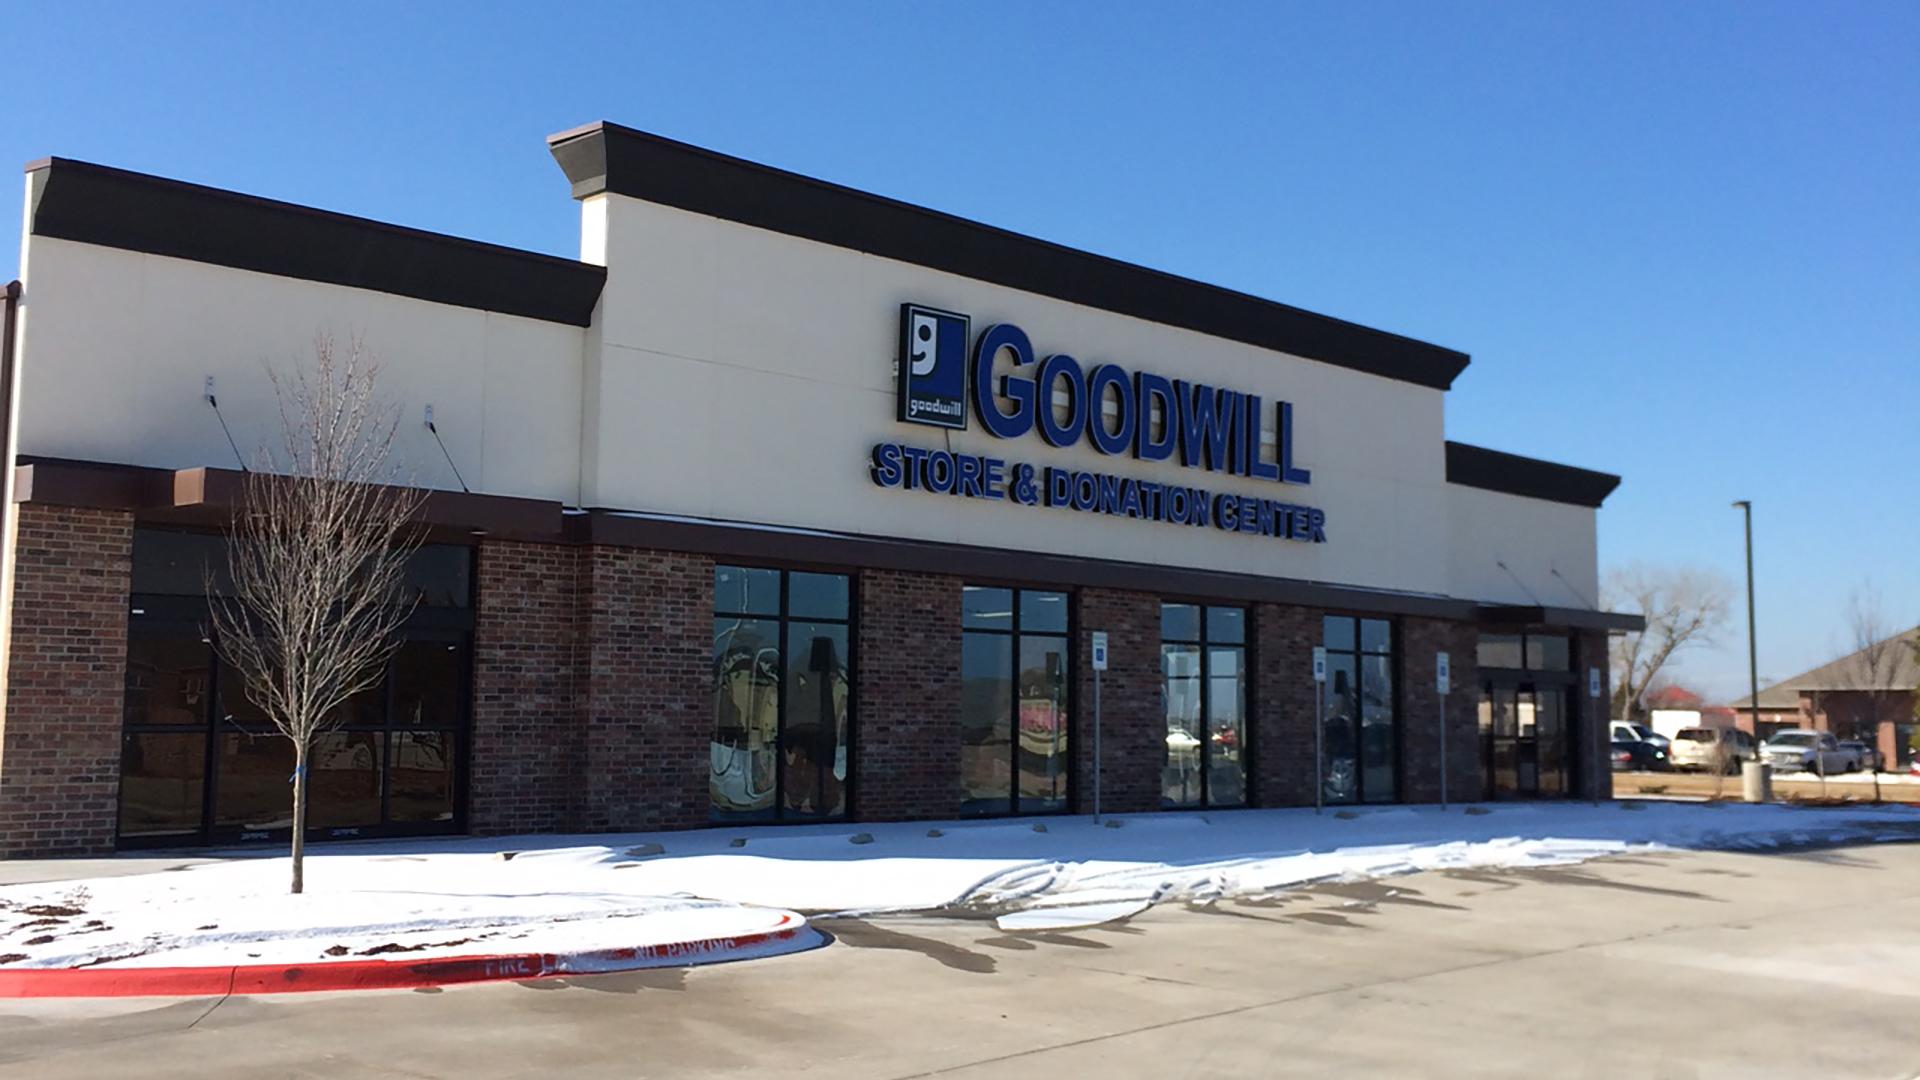 Goodwill - Edmond.JPG